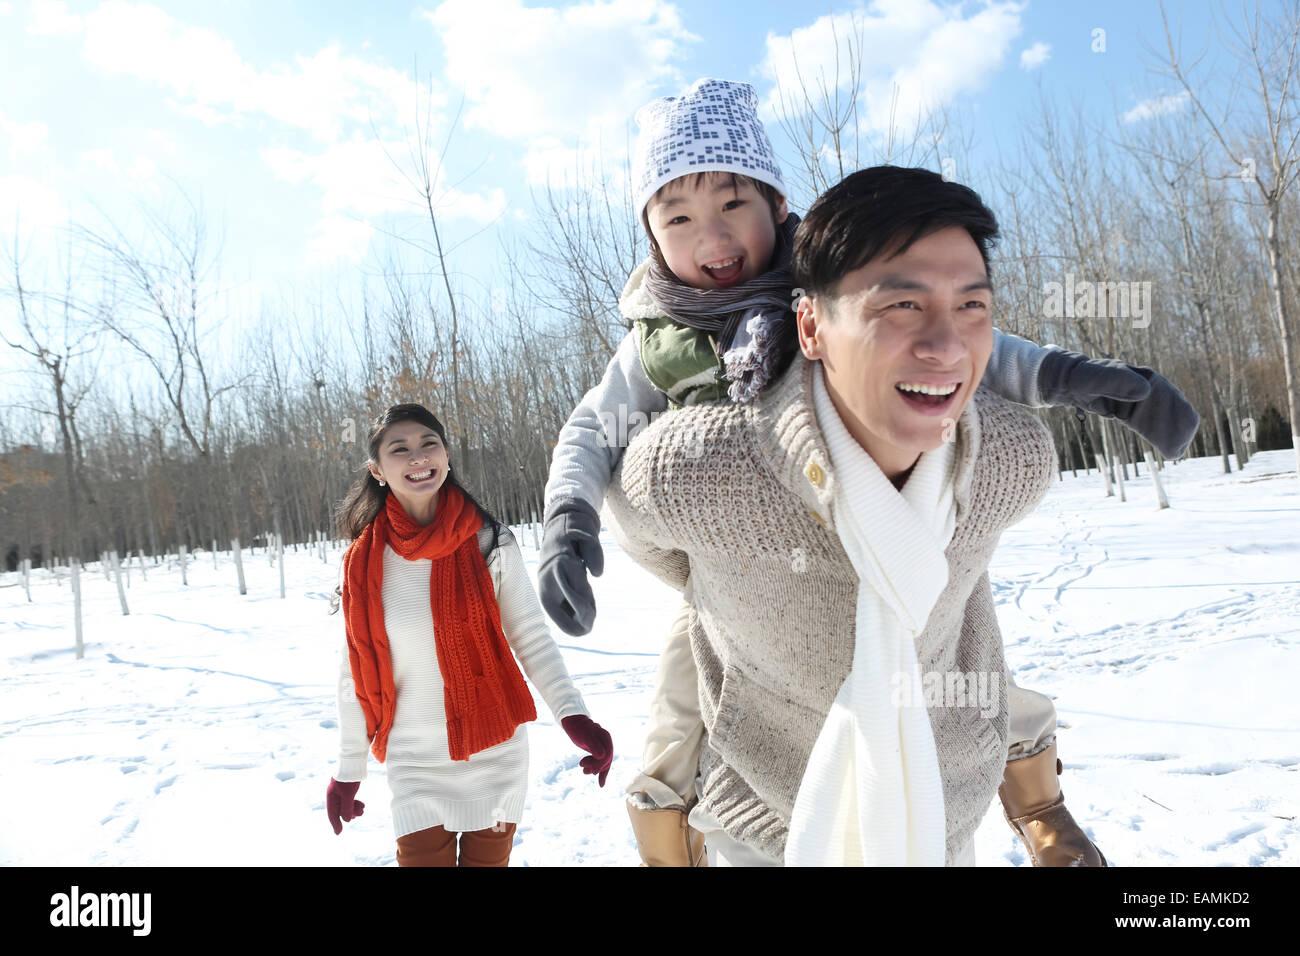 El padre y la madre con su hijo corriendo en la nieve. Imagen De Stock